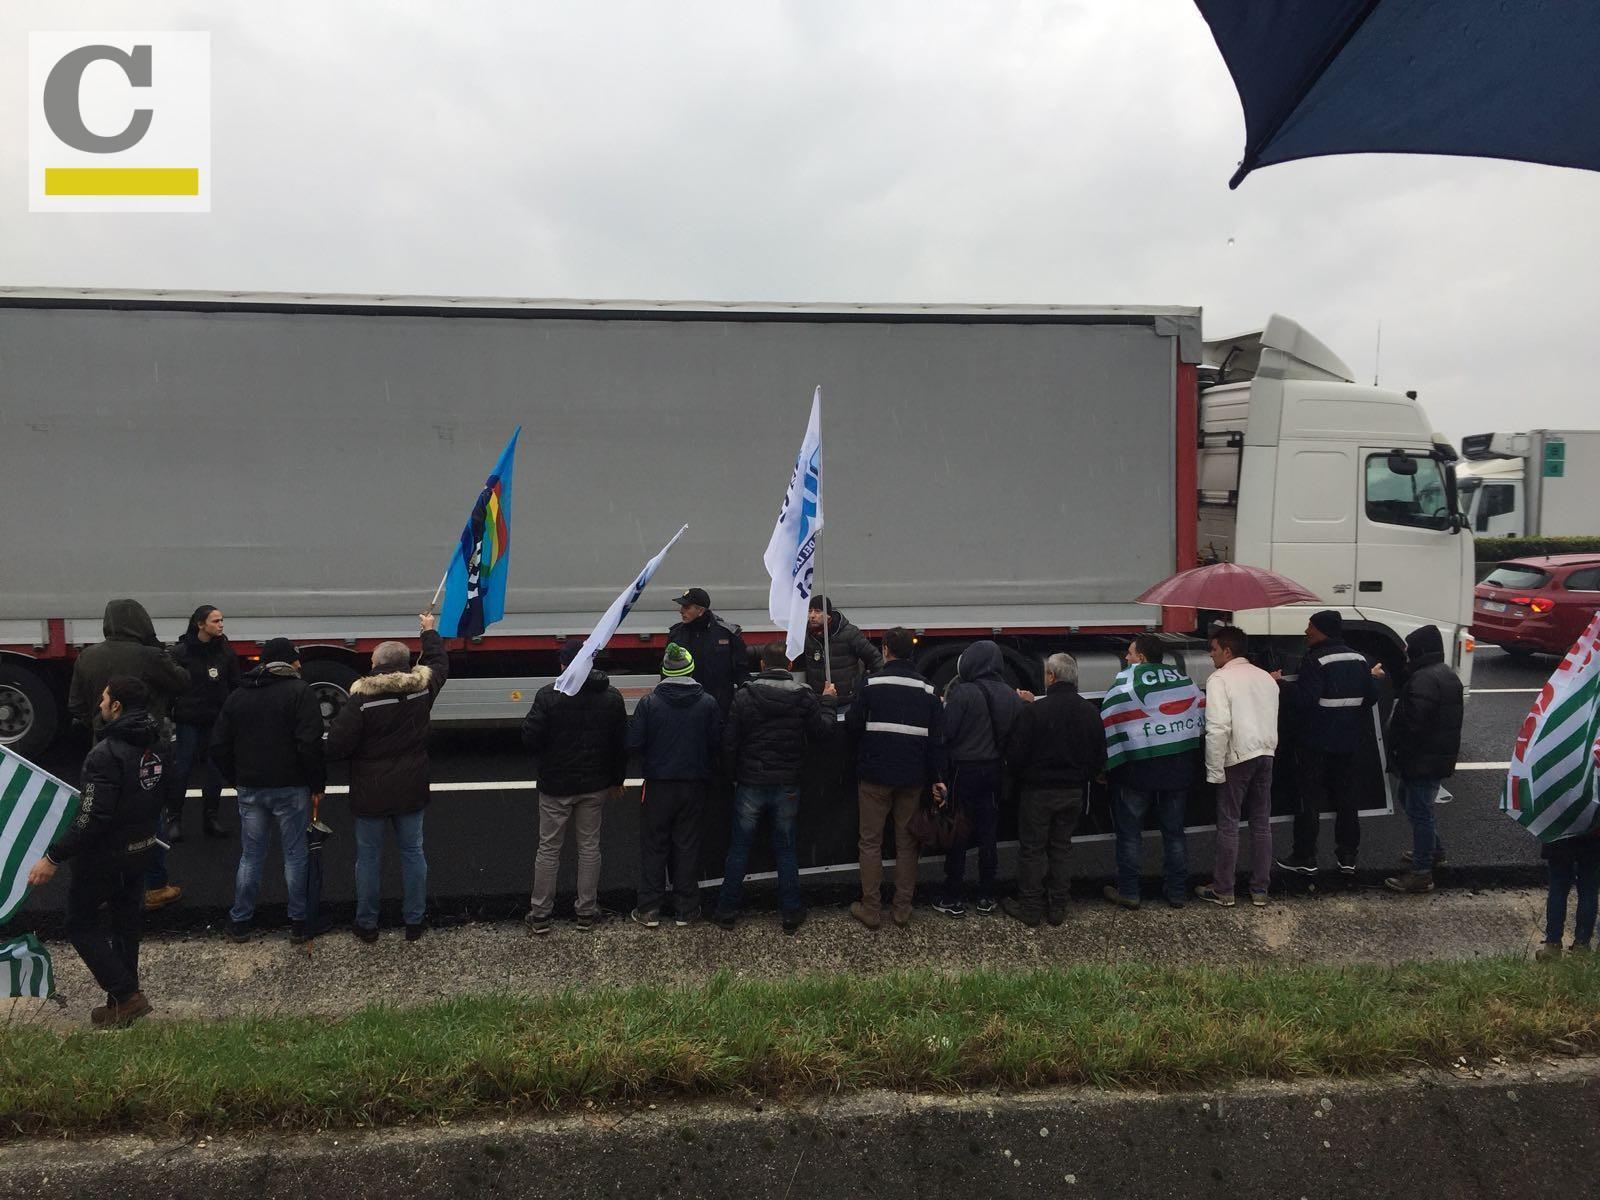 I video della protesta chiusura ideal standard la for Ideal standard ala